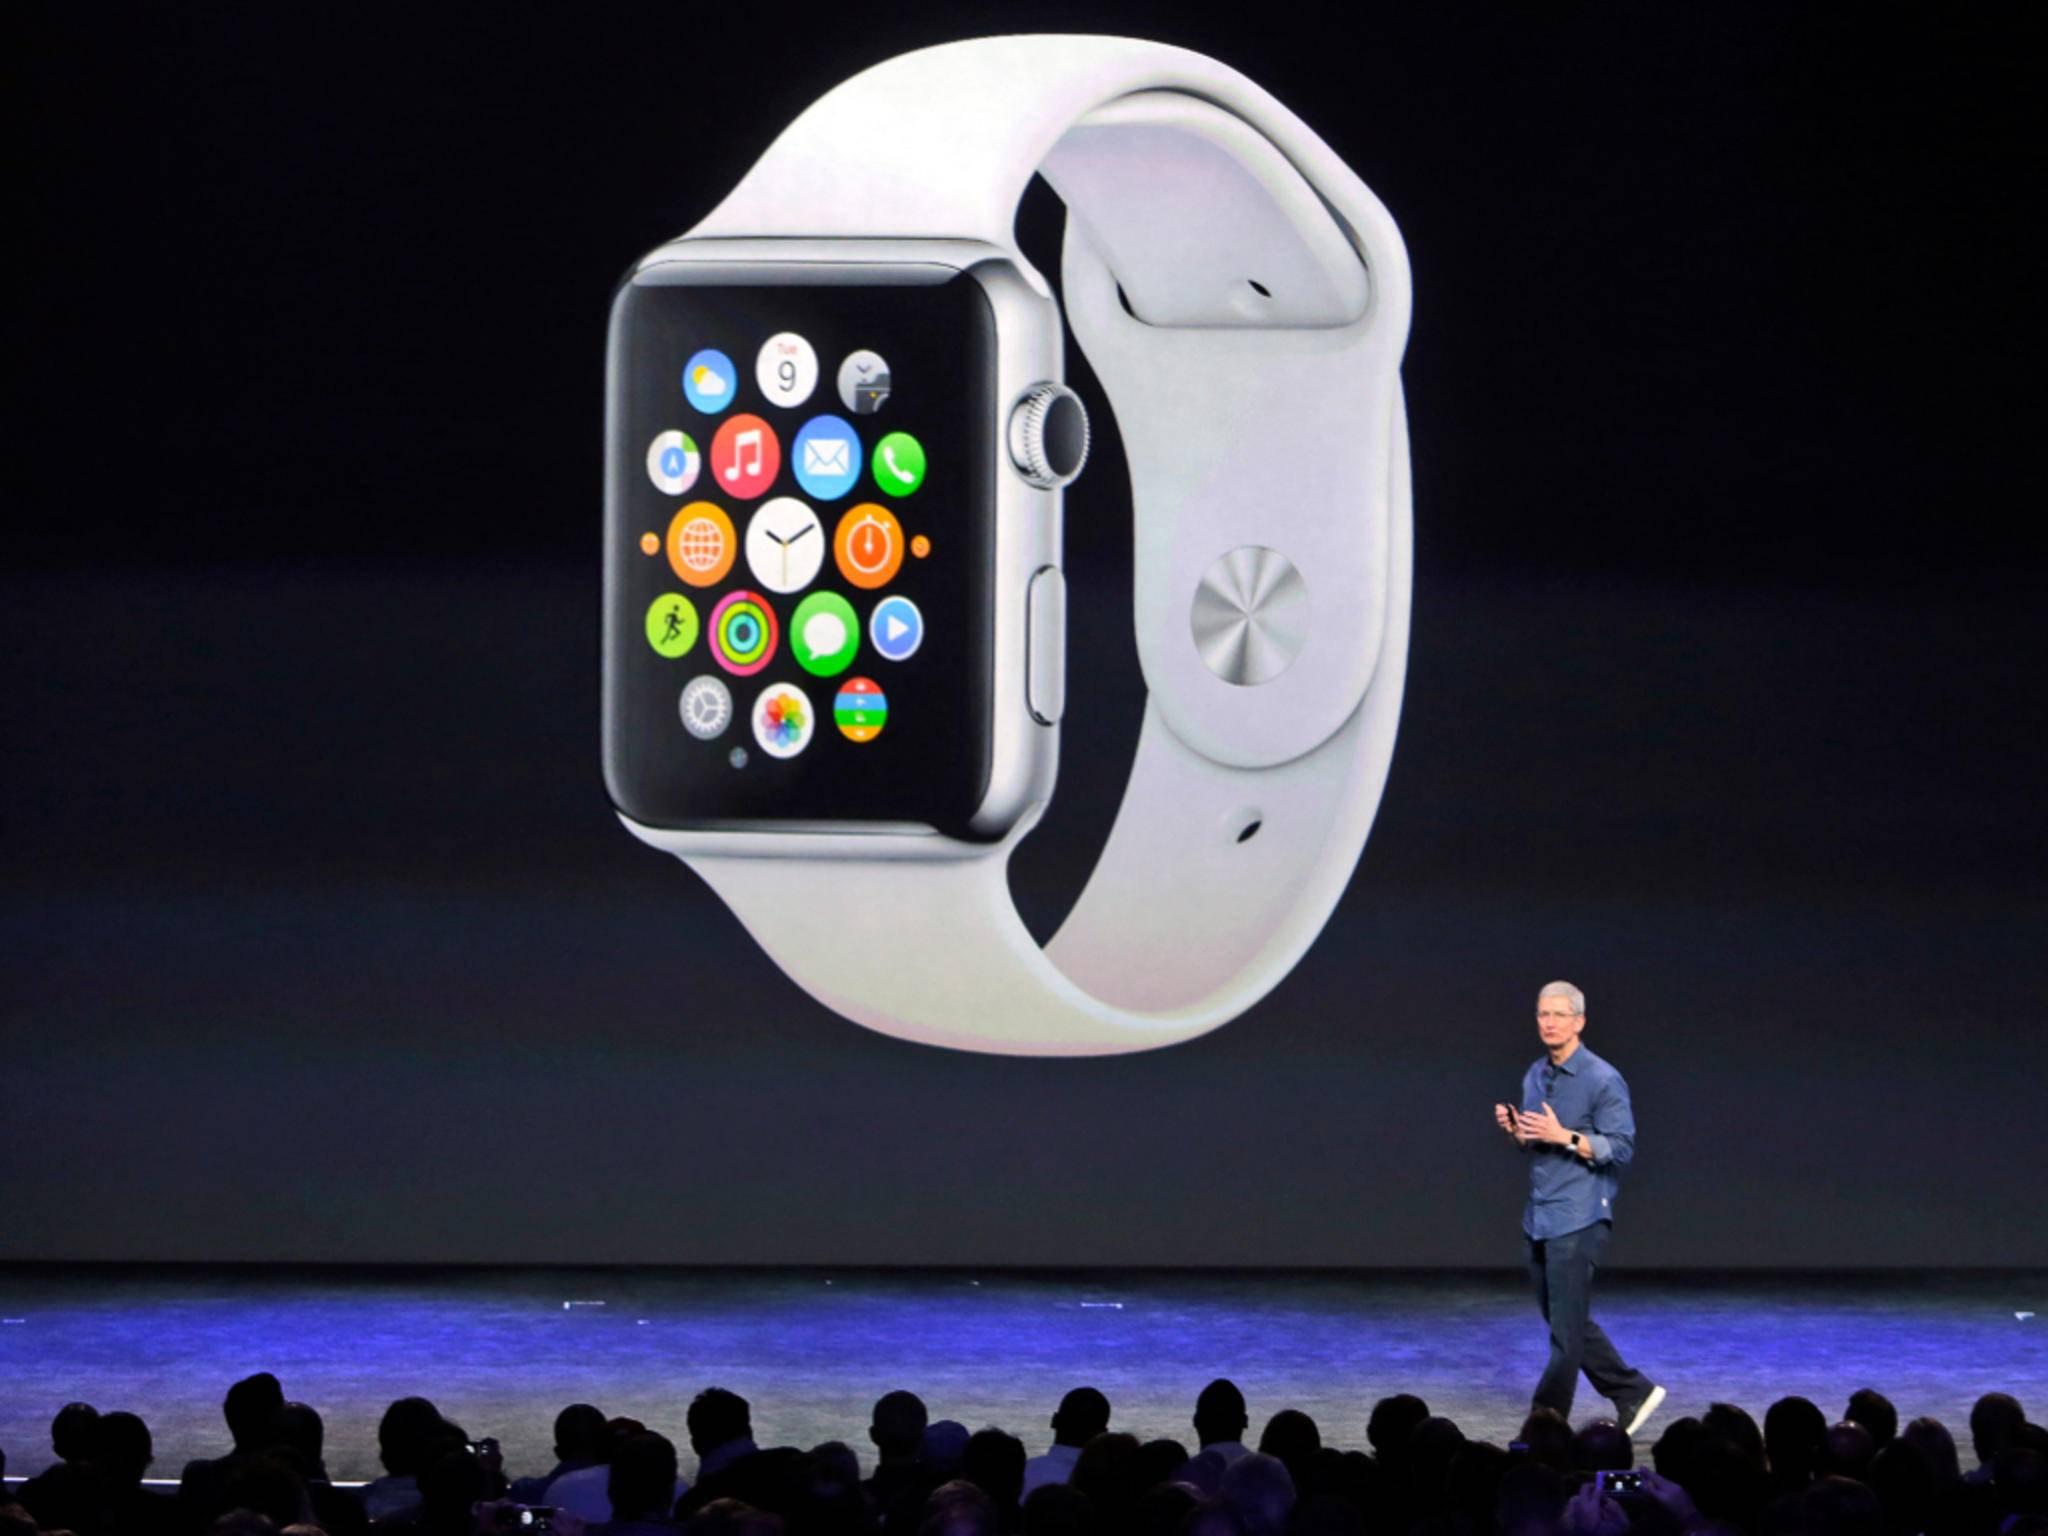 Die Apple Watch soll im April auf den Markt kommen.